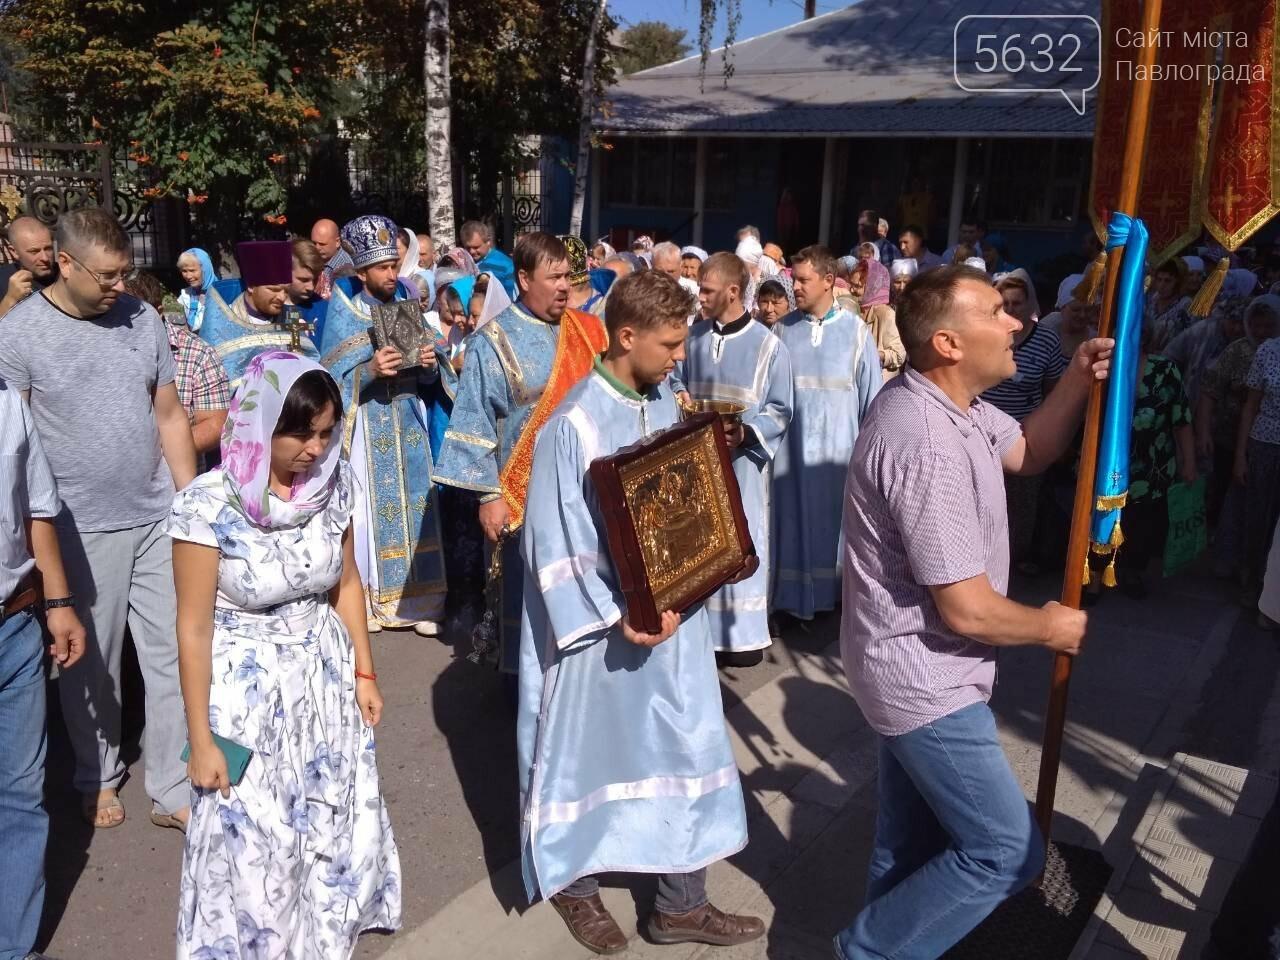 В Павлограде православные празднуют Успение Пресвятой Богородицы (Обновлено), фото-2